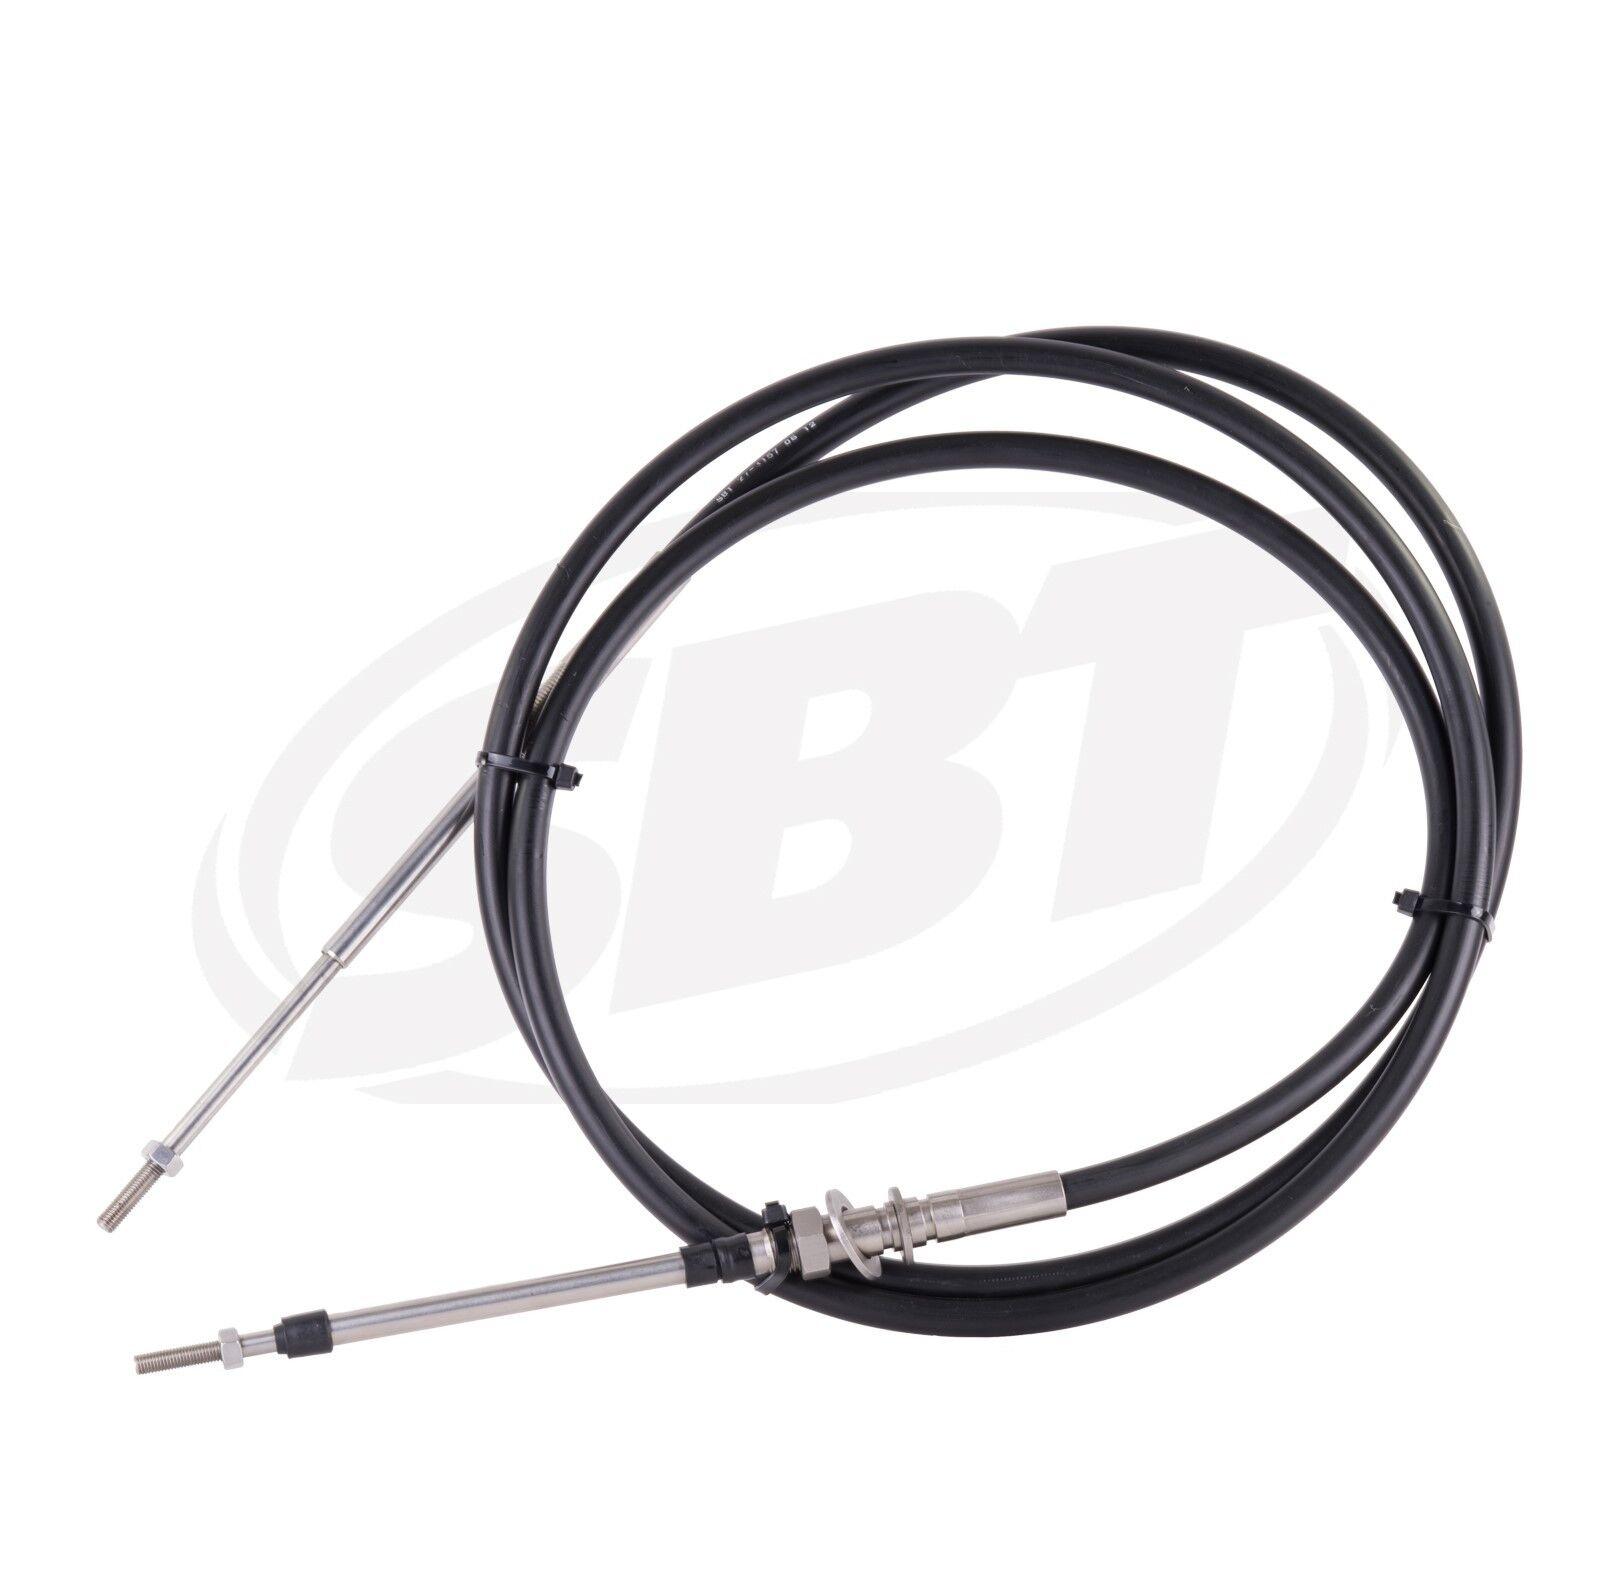 Seadoo Steering Cable 1995 1996 1997 Sportster/1999